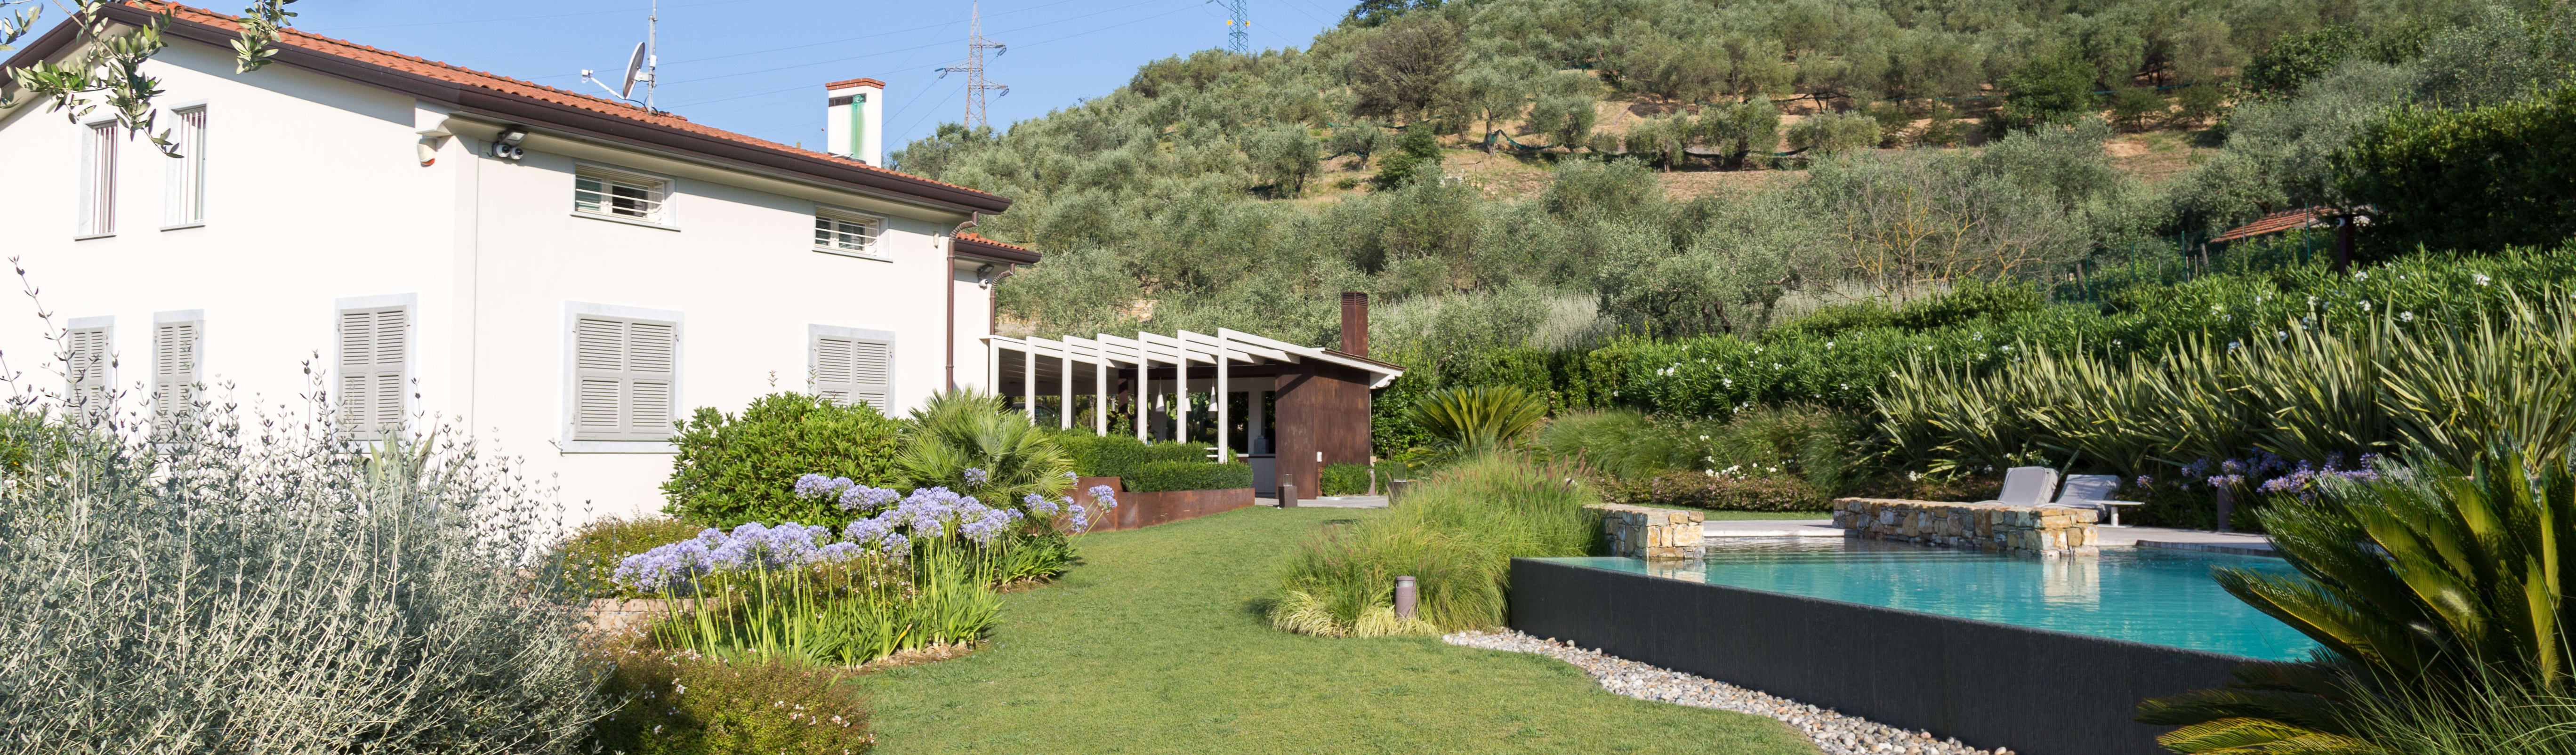 Giuseppe Lunardini Architetto del Paesaggio